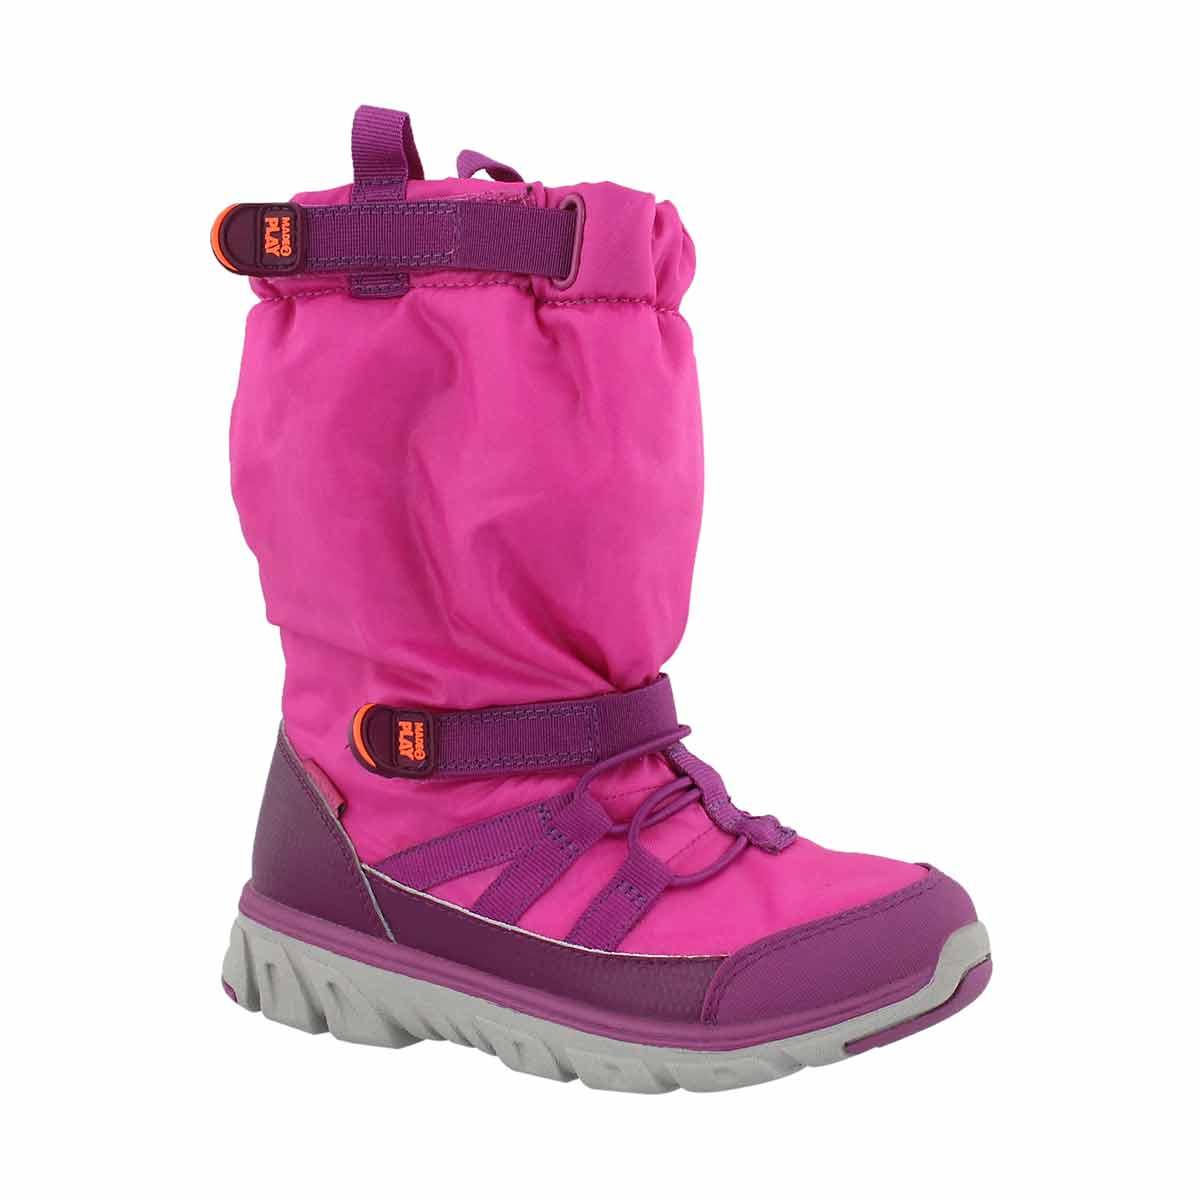 Girls' M2P SNEAKER BOOT pink winter boots